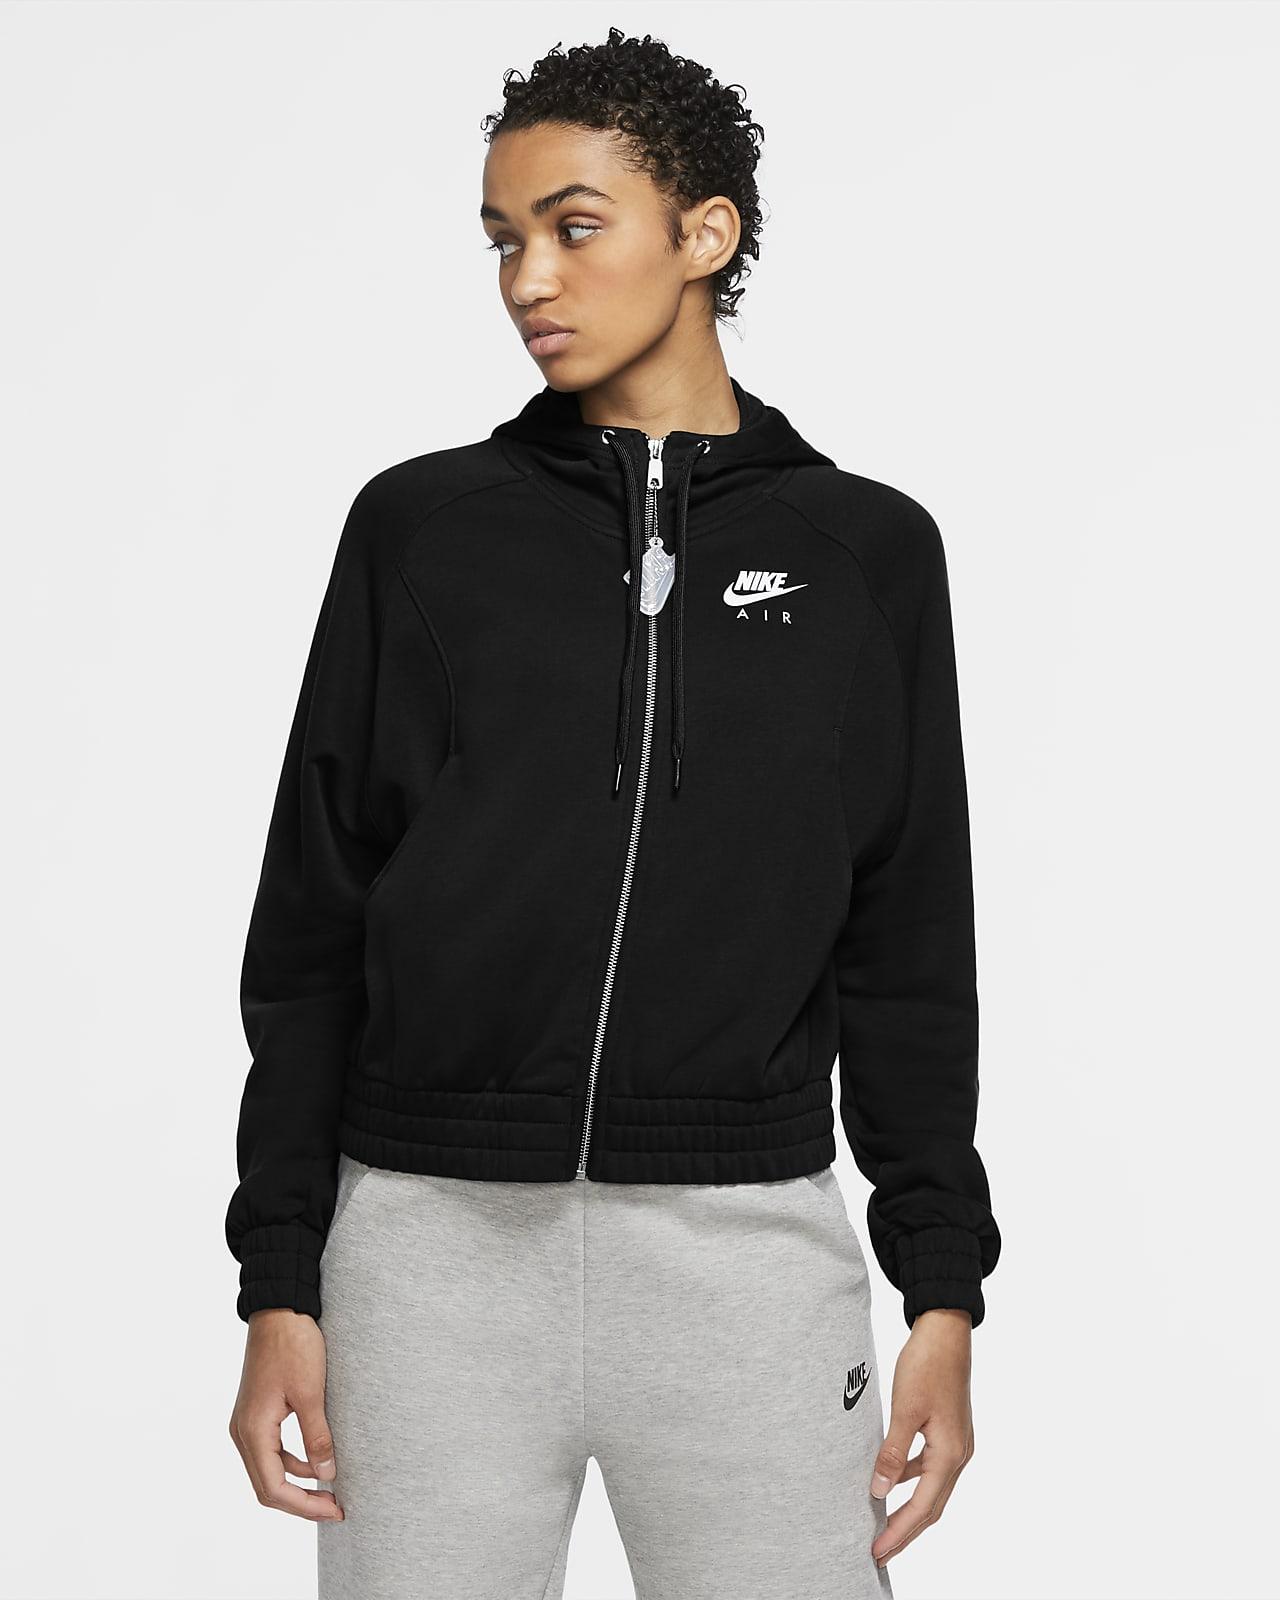 Nike Air Sudadera con capucha - Mujer